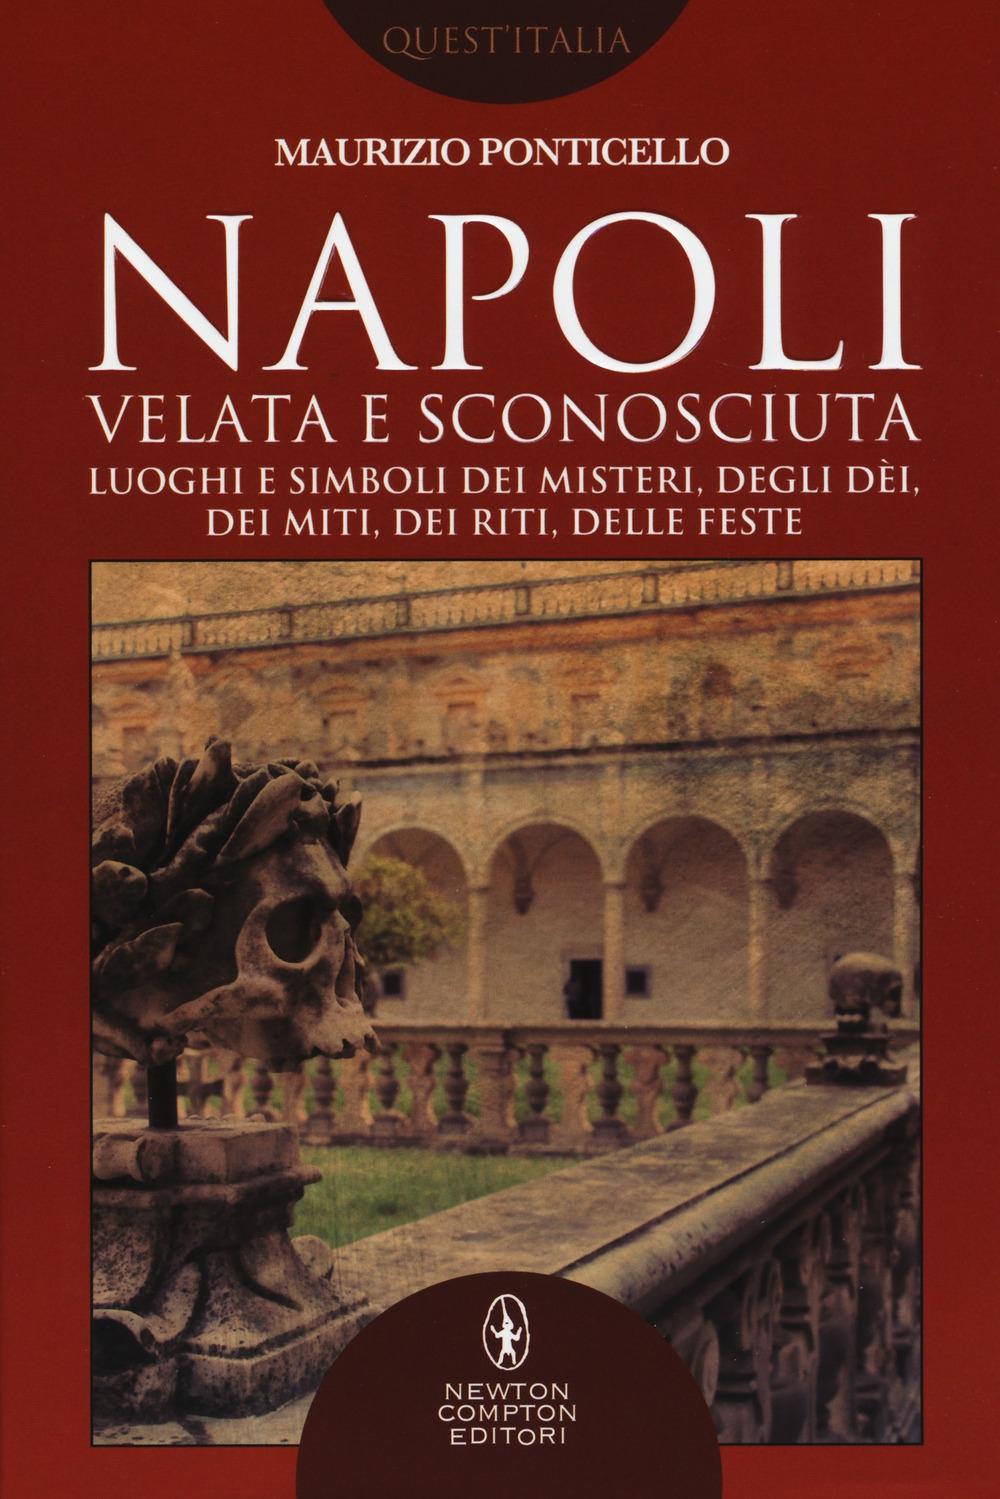 Napoli velata e sconosciuta. Luoghi e simboli dei misteri, degli dèi, dei miti, dei riti, delle feste